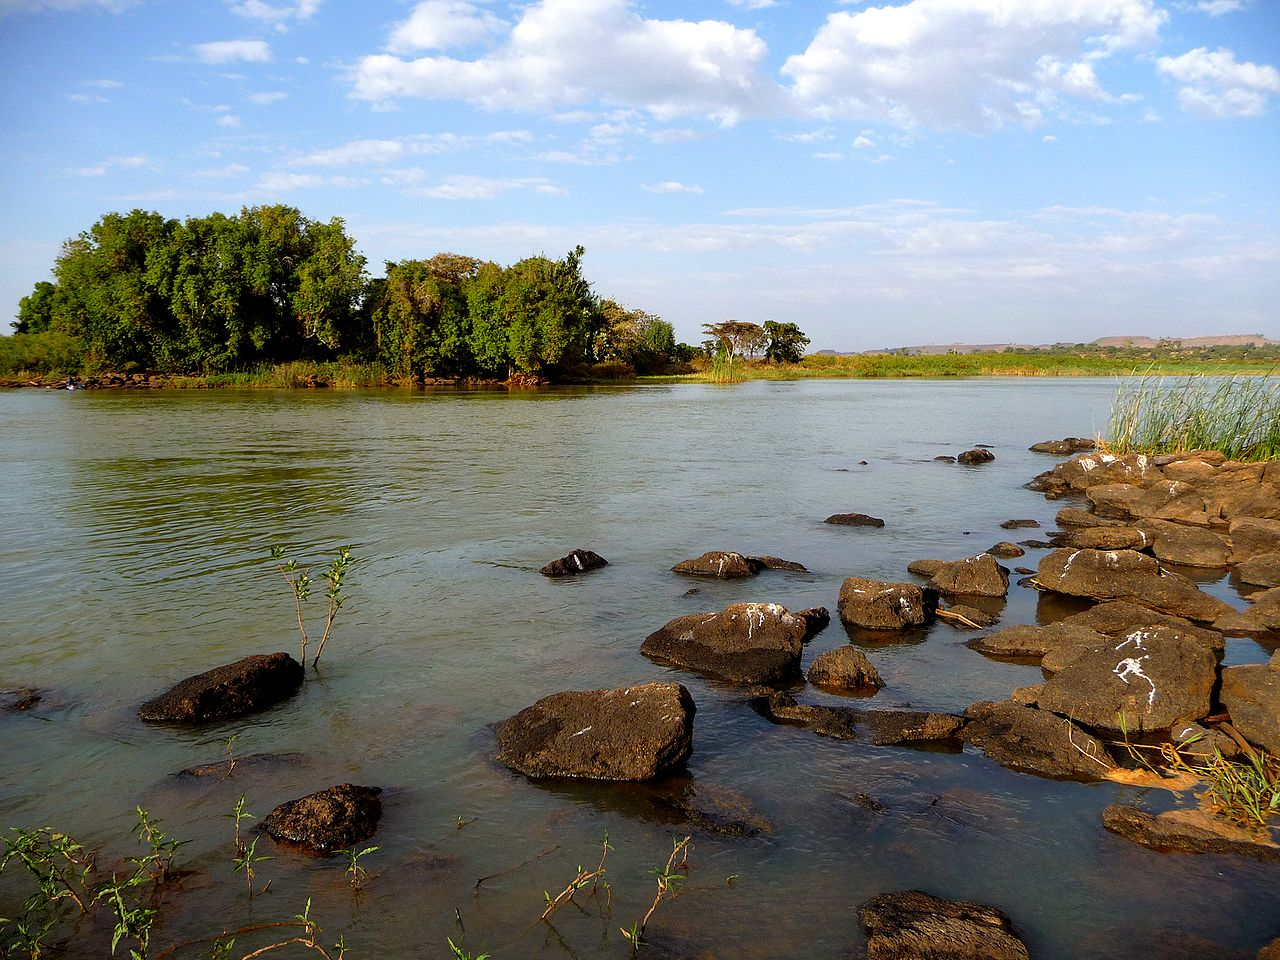 ראשיתו של הנילוס הכחול באגם טאנה.